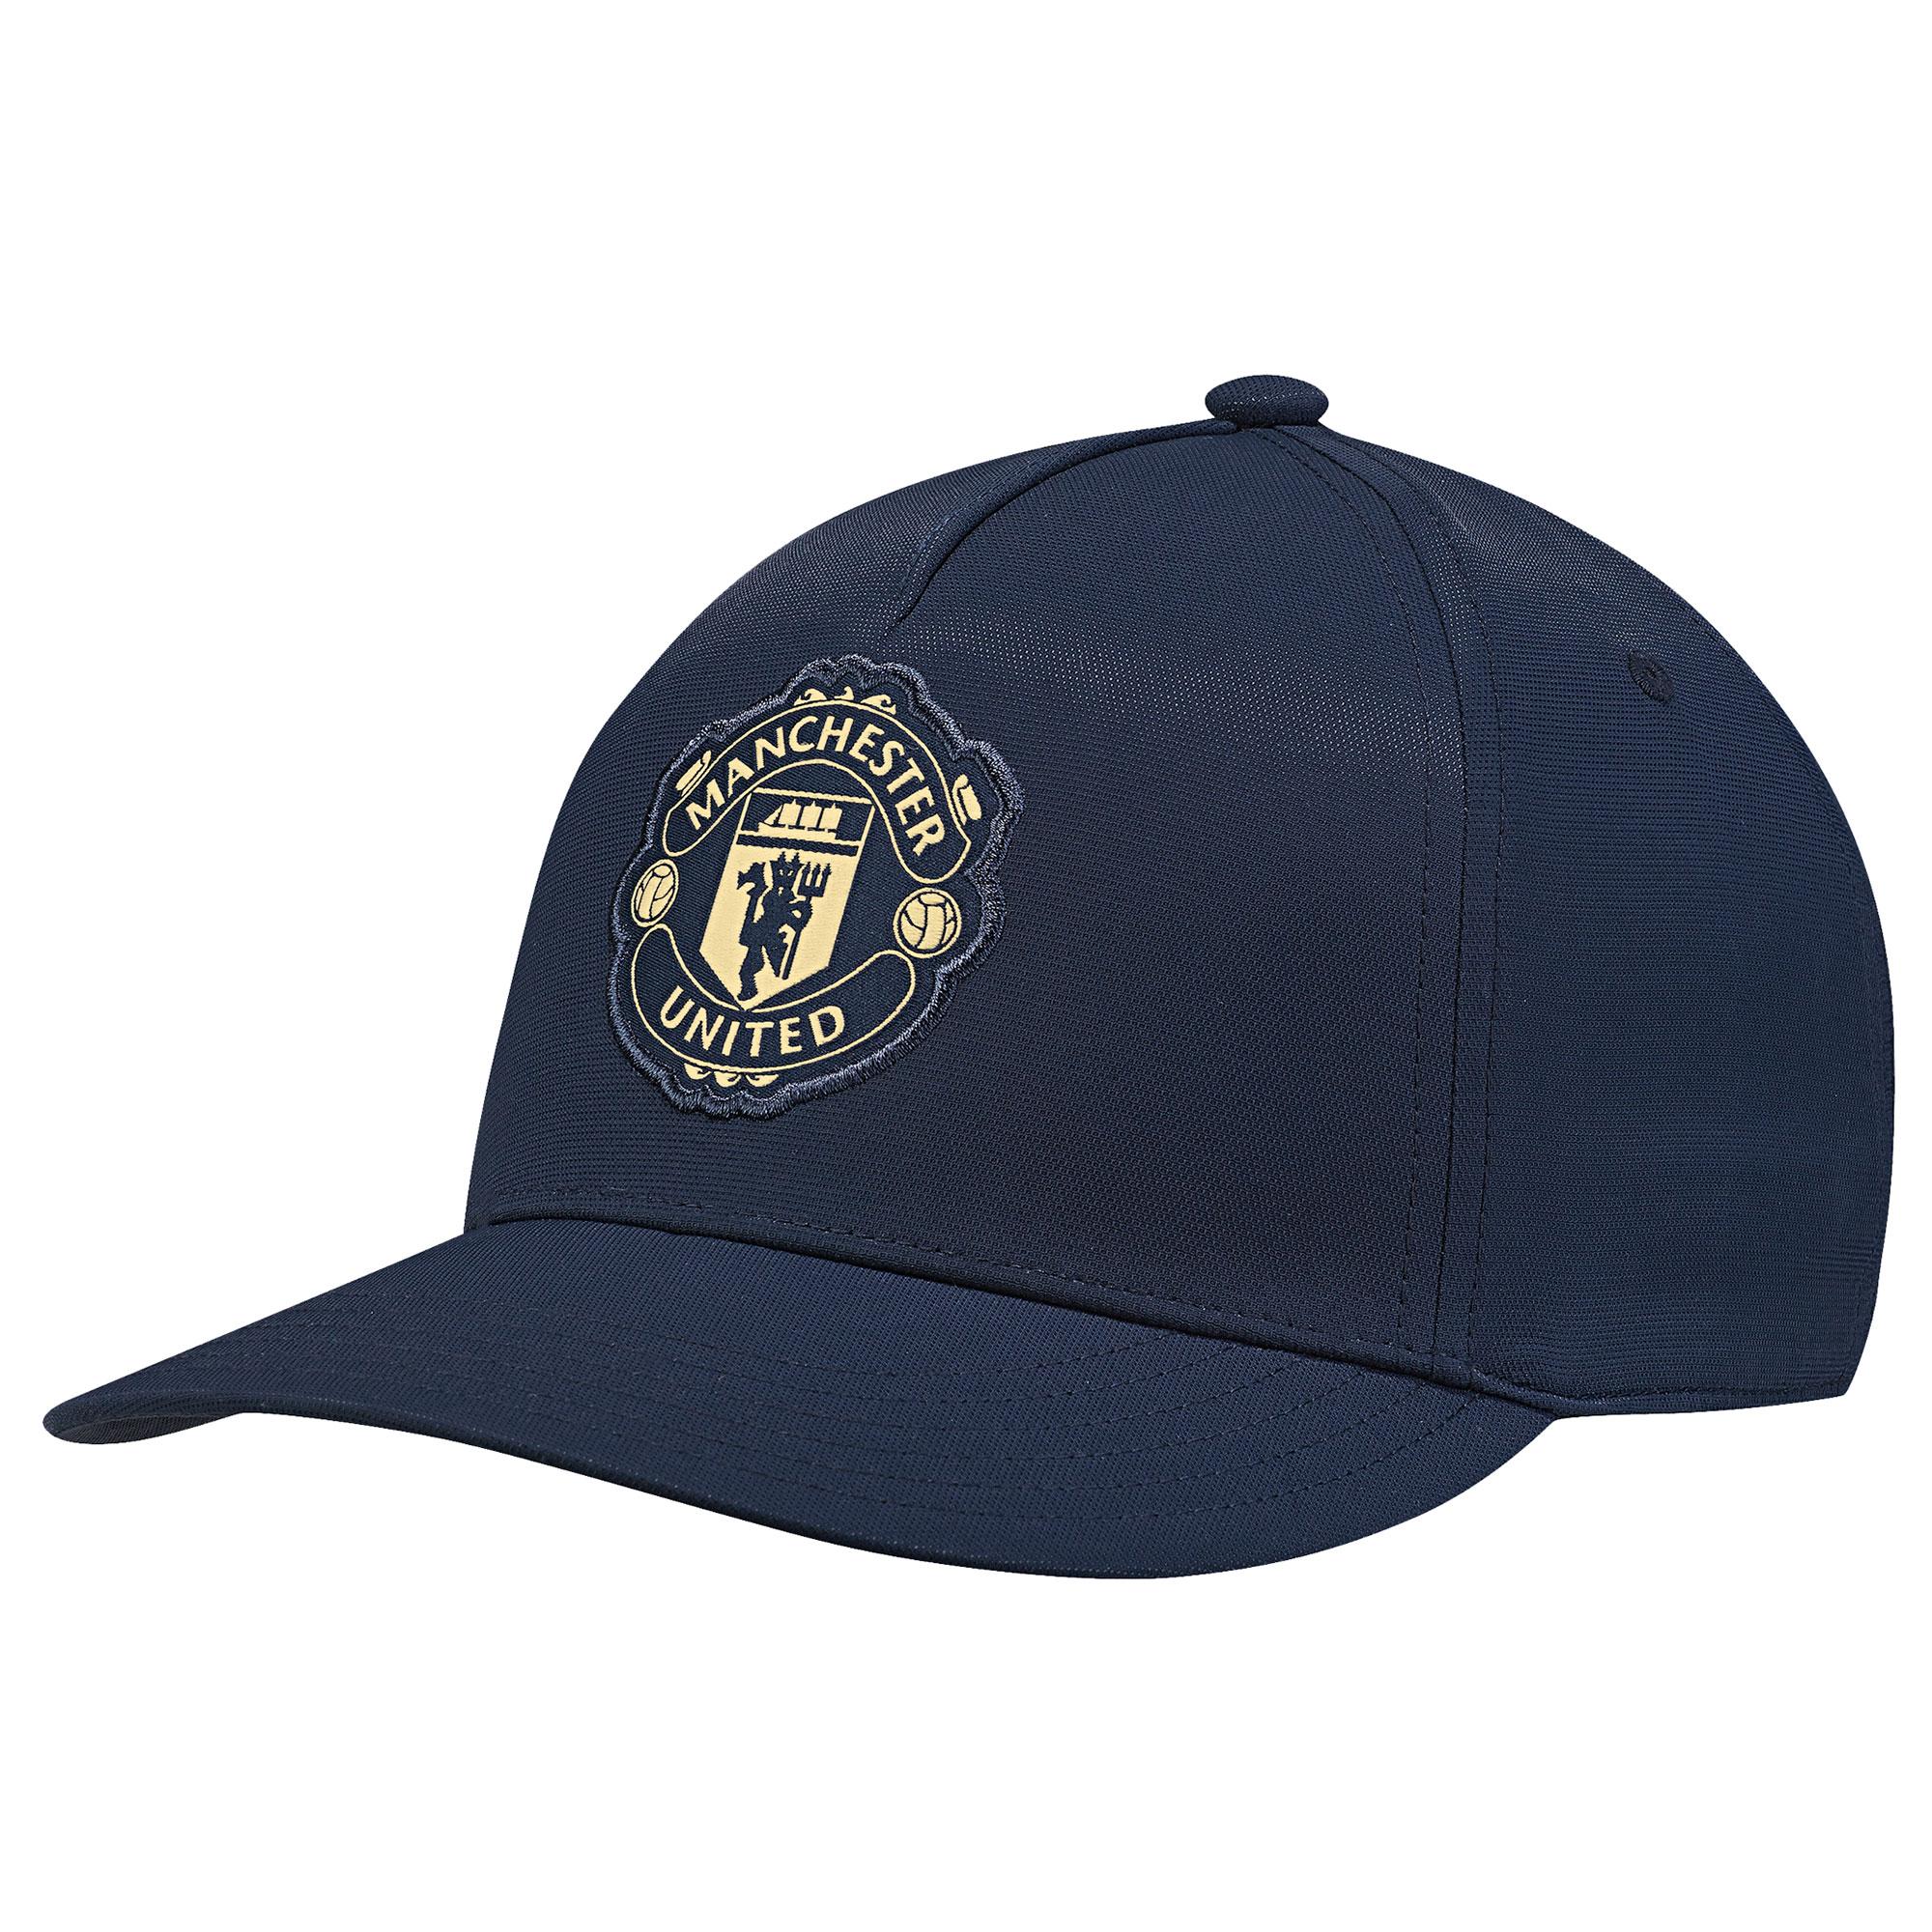 Casquette à visière plate Manchester United - Marine